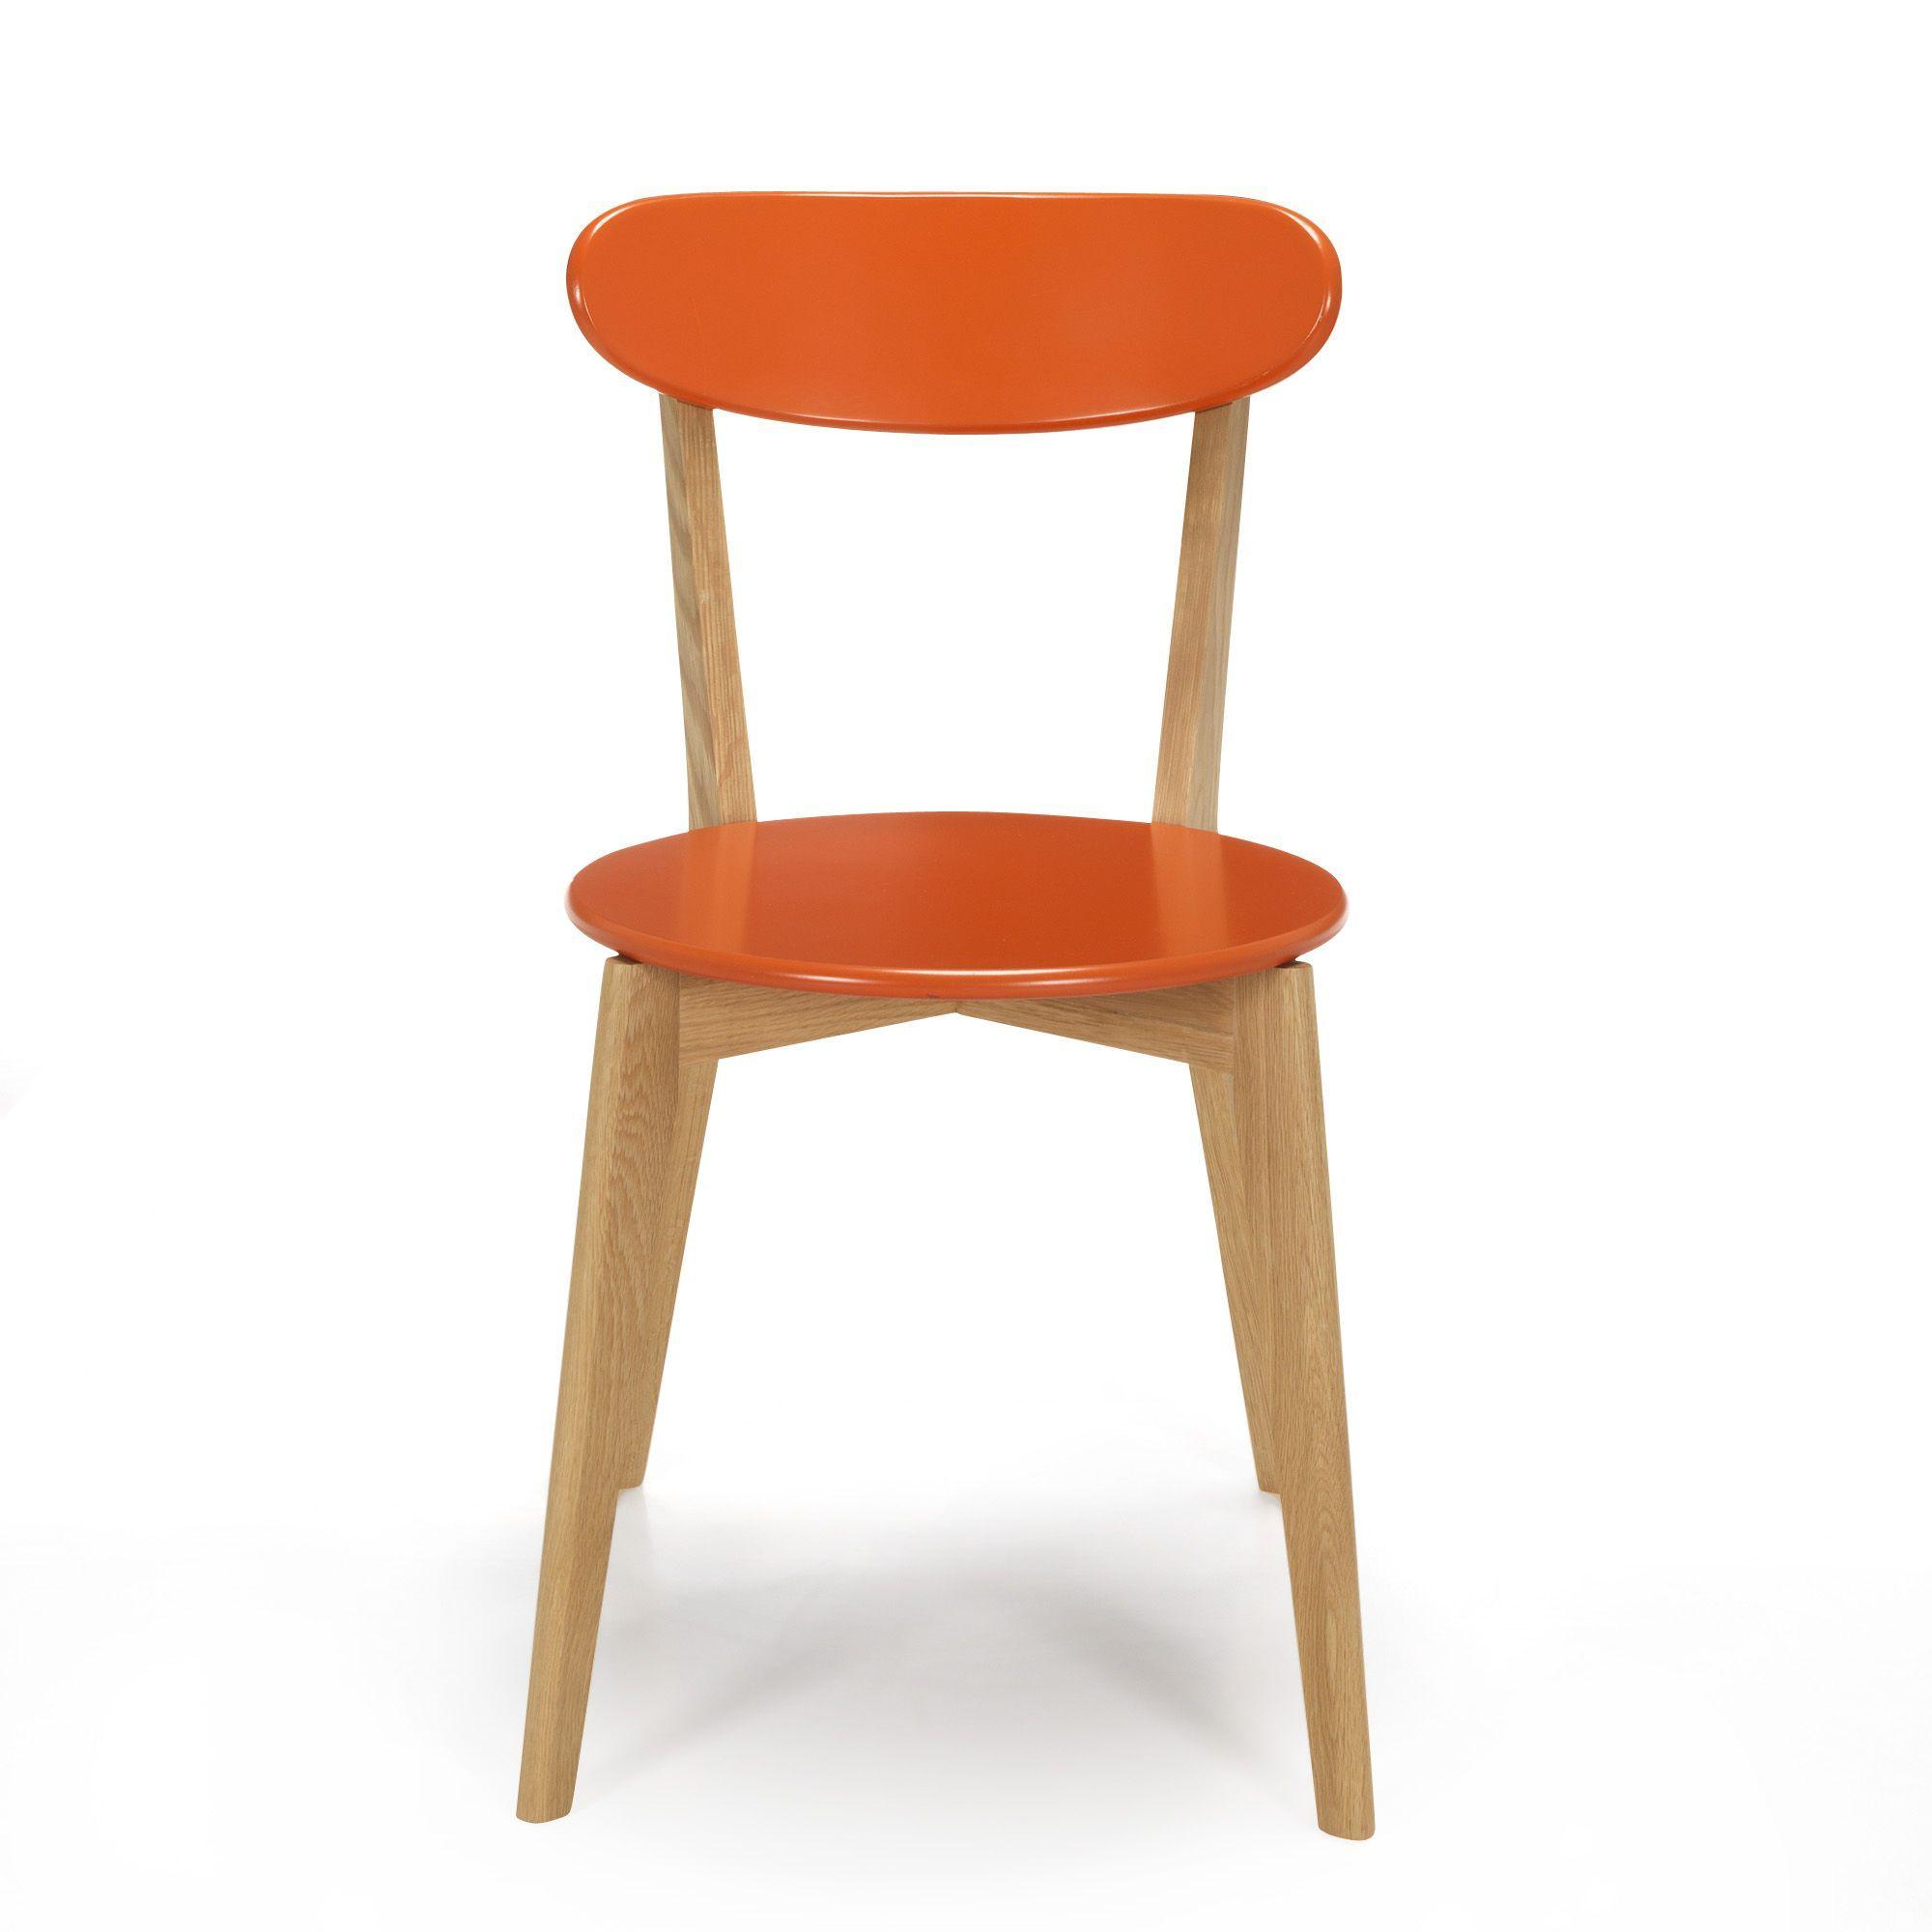 chaise design scandinave coloris corail siwa tables et chaises alinea 69 95euros fauteuil. Black Bedroom Furniture Sets. Home Design Ideas